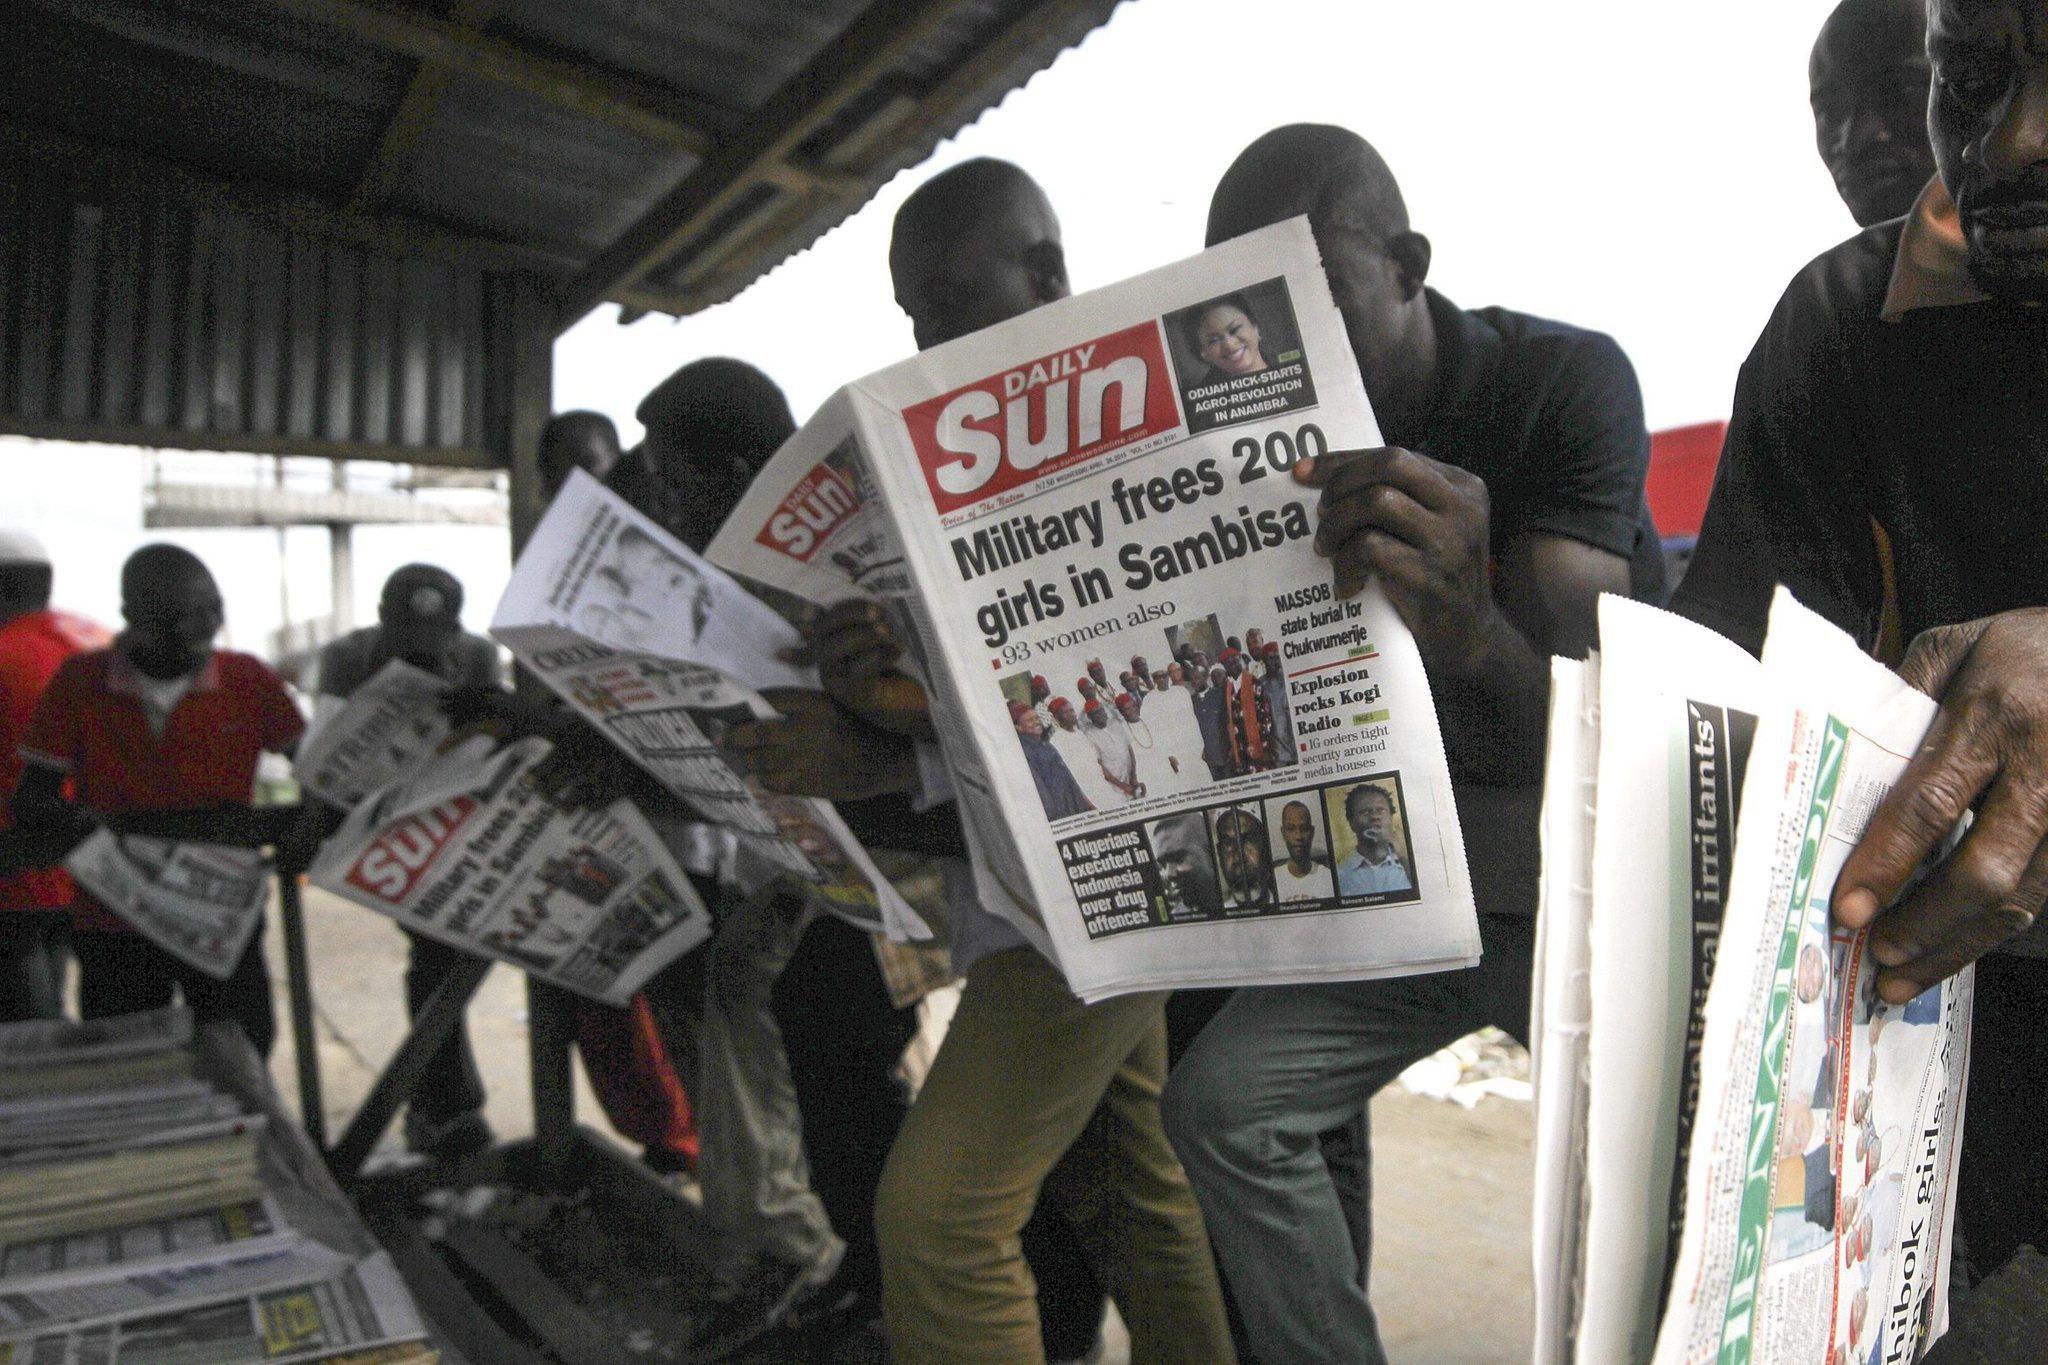 Nigeria: 200 girls, 93 women held by Boko Haram rescued